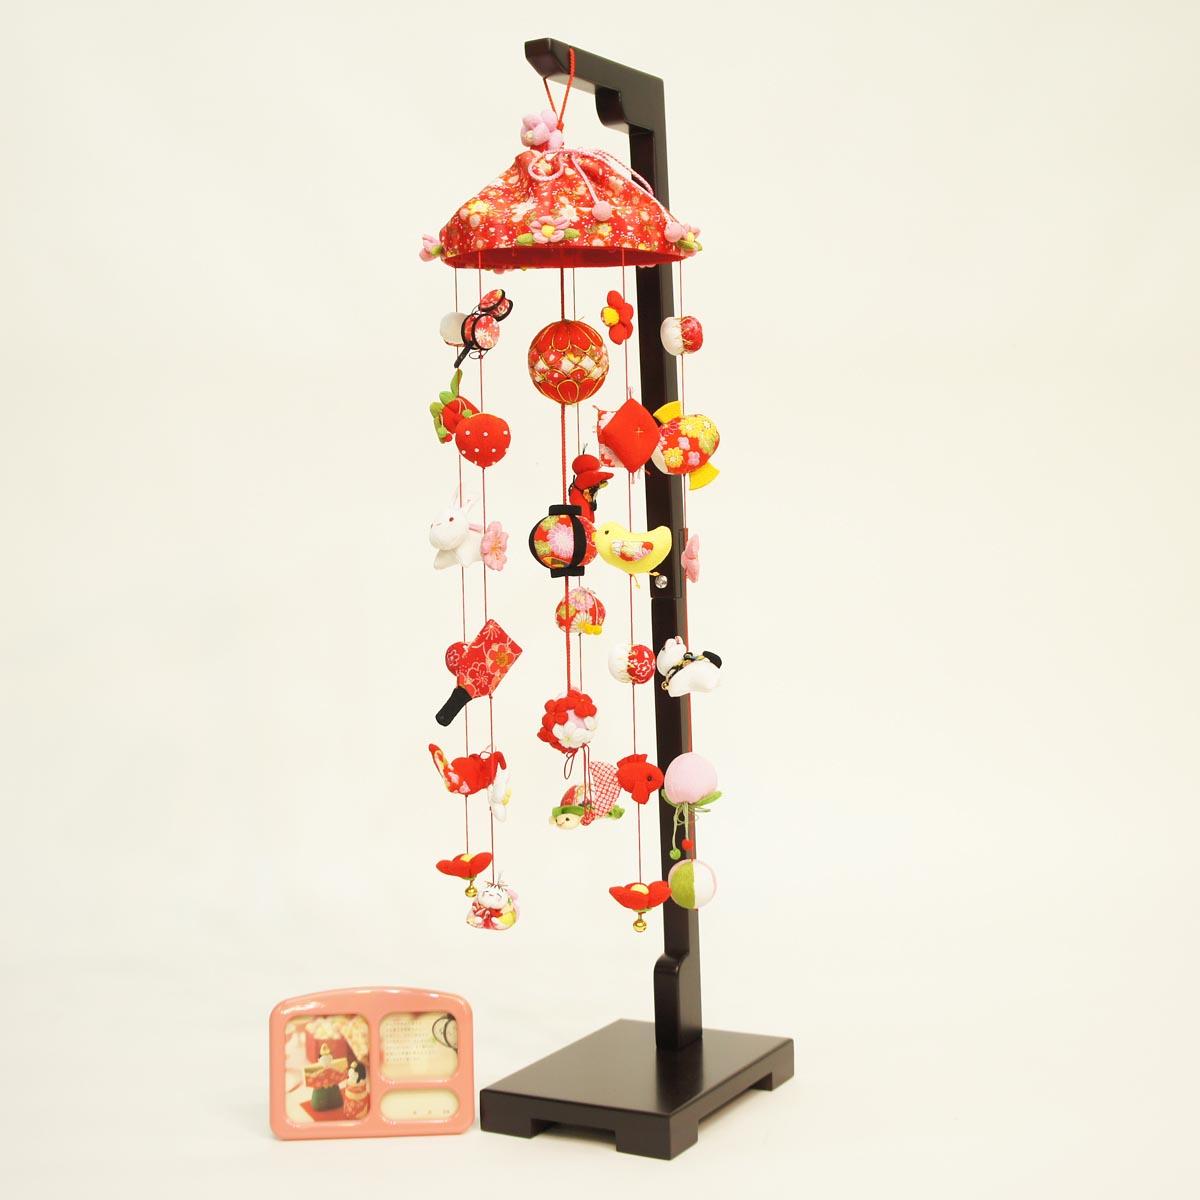 ひなもも (中) スタンド付き オルゴール付き TRS-BK-SB-G001S送料無料 ※北海道 沖縄は除く つるし雛 吊るし飾り で 桃の節句 雛祭り ひな祭り 雛人形 のお祝いに